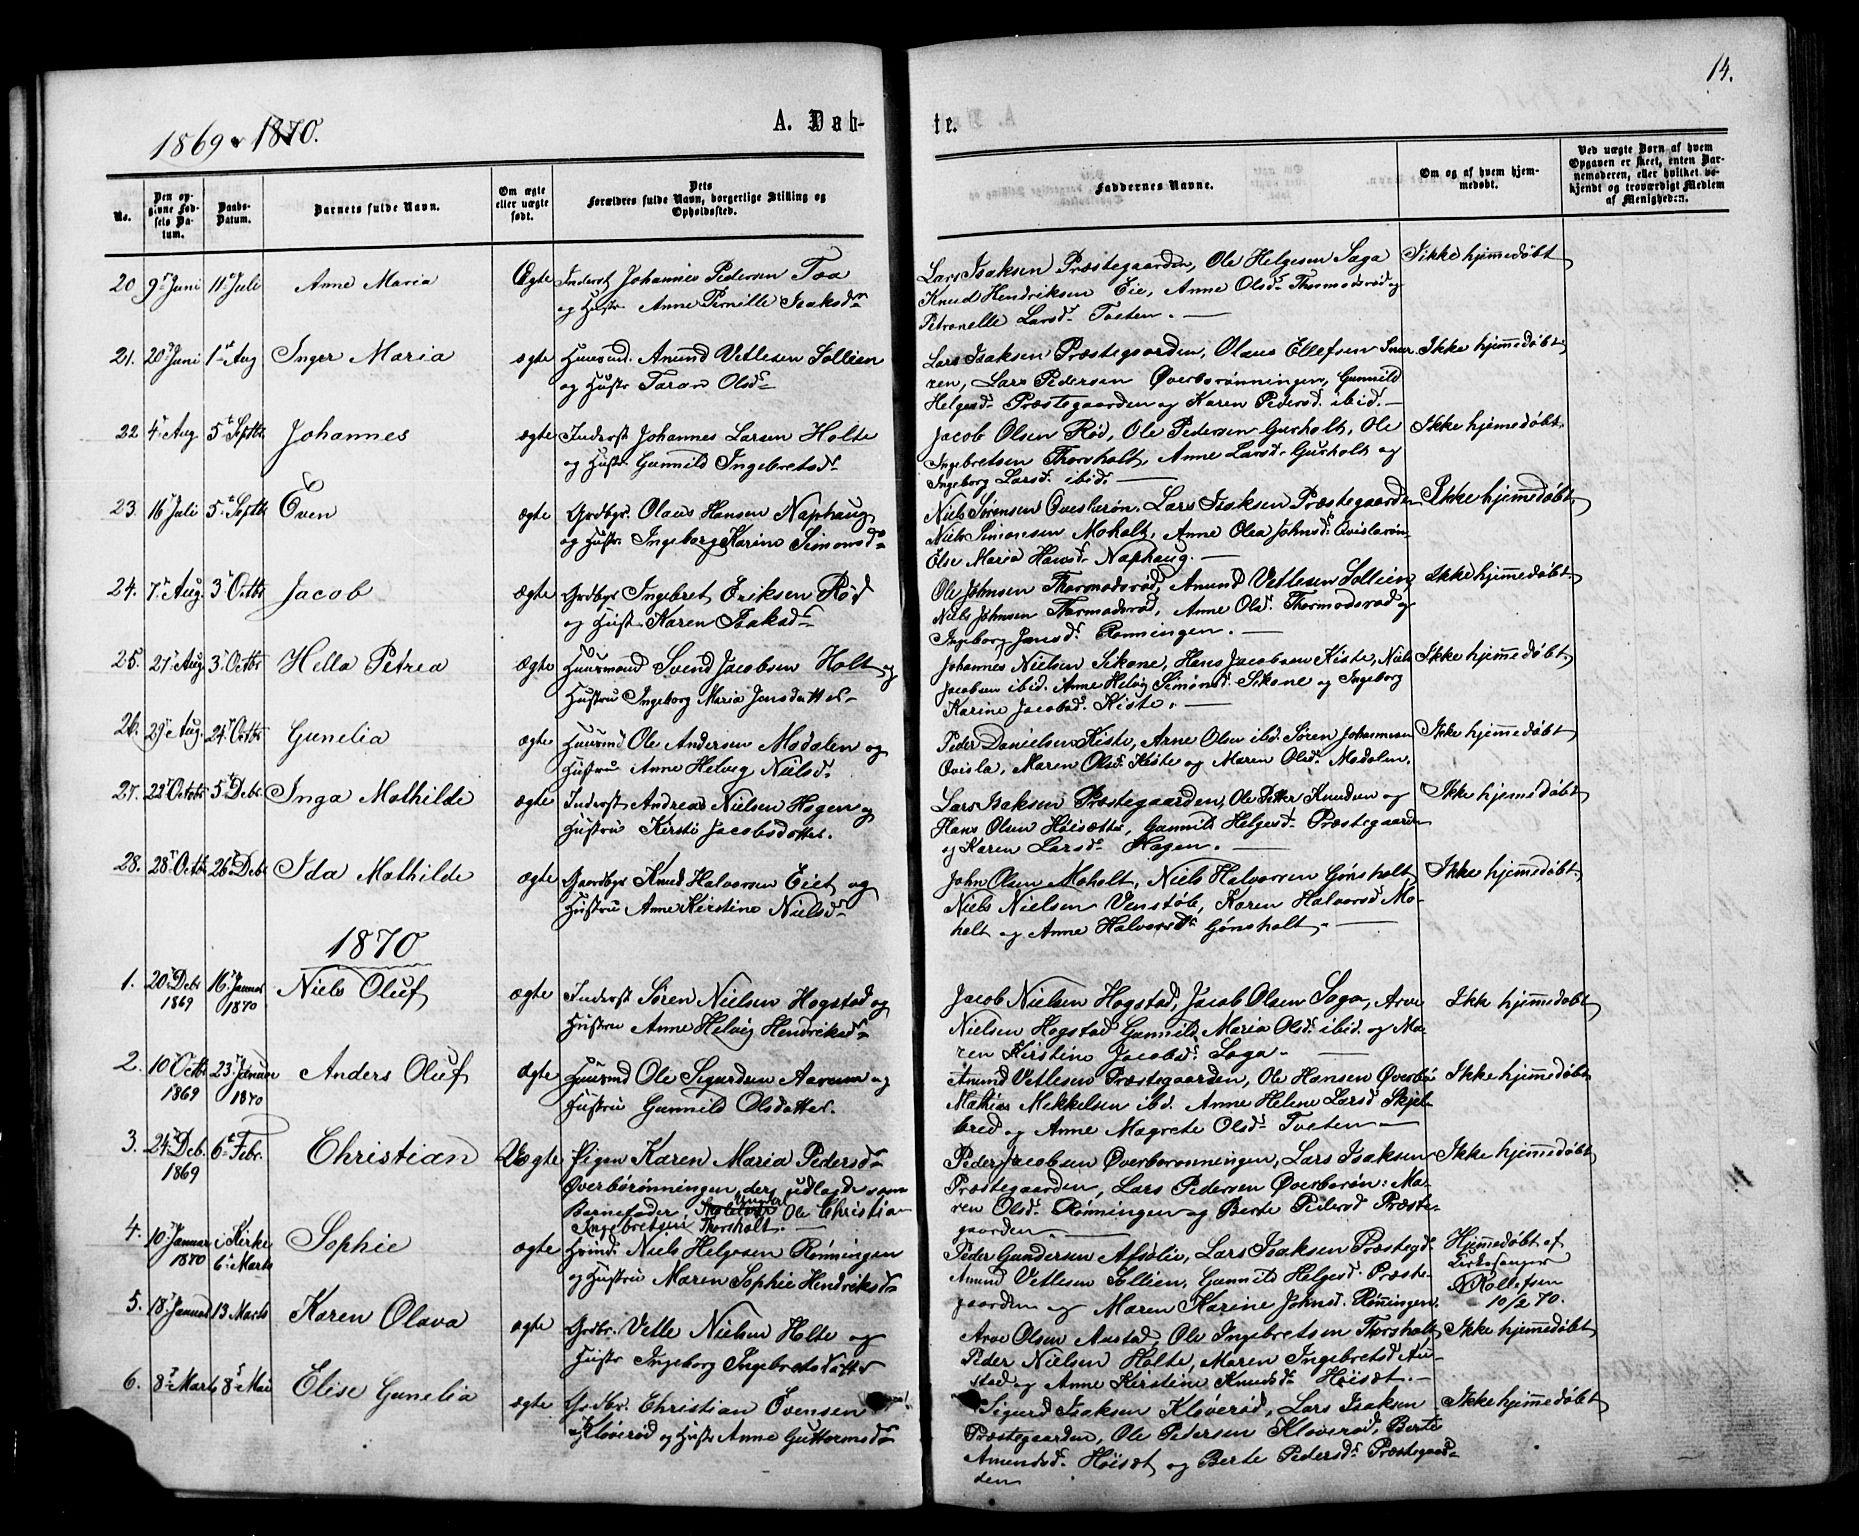 SAKO, Siljan kirkebøker, G/Ga/L0002: Klokkerbok nr. 2, 1864-1908, s. 14